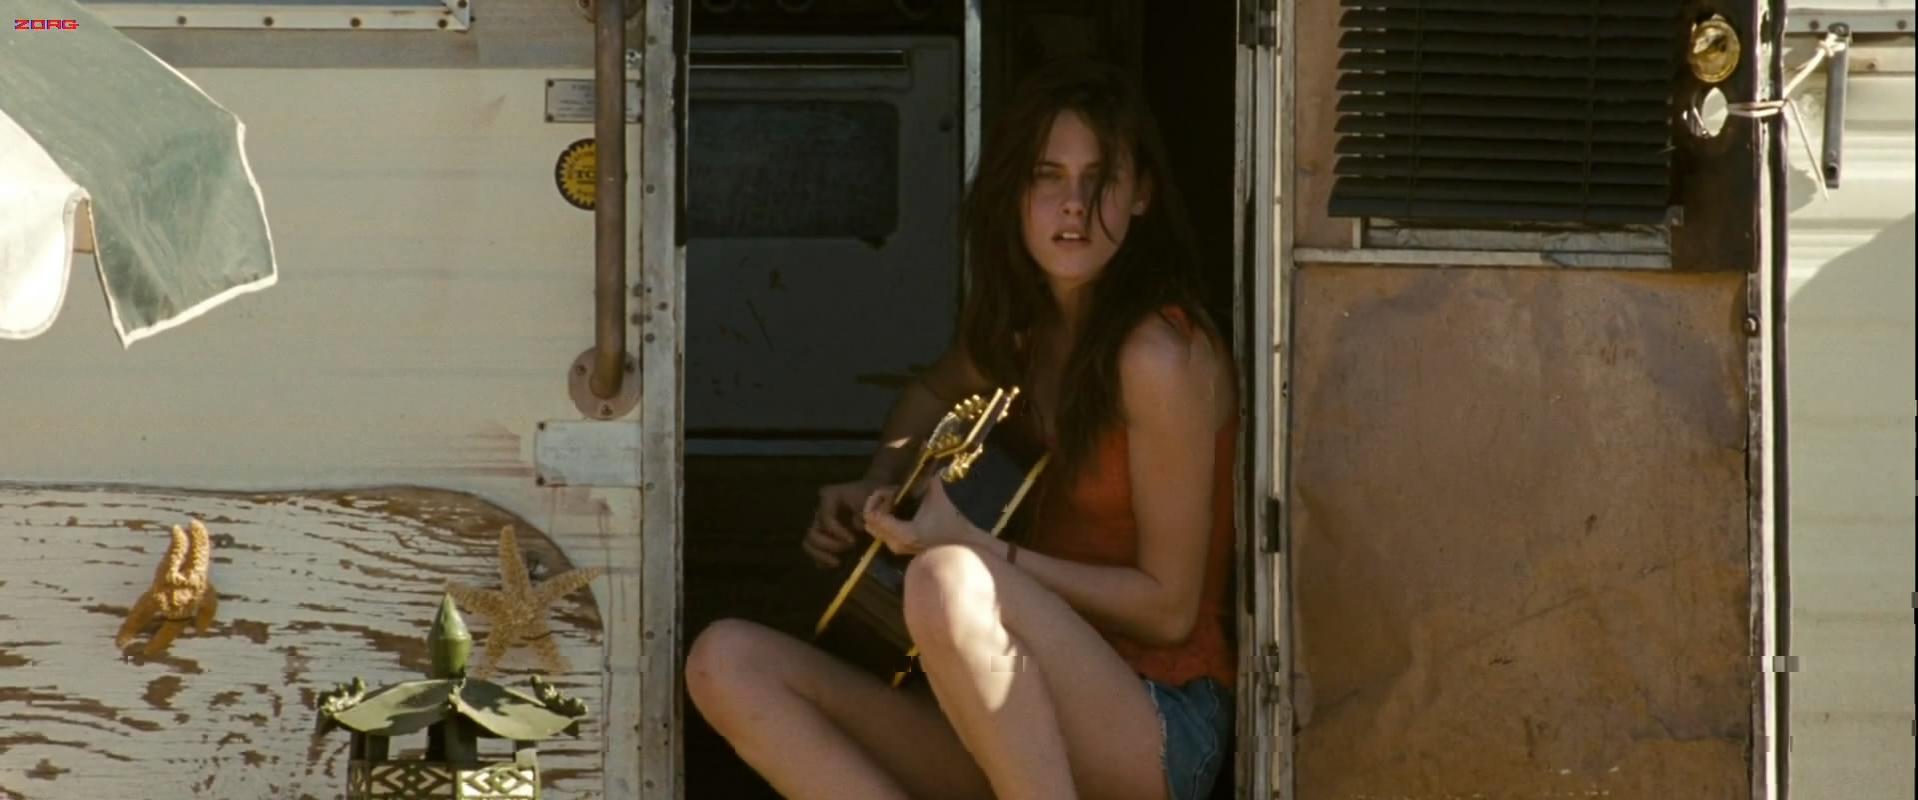 Kristen Stewart sexy - Into the wild (2007)